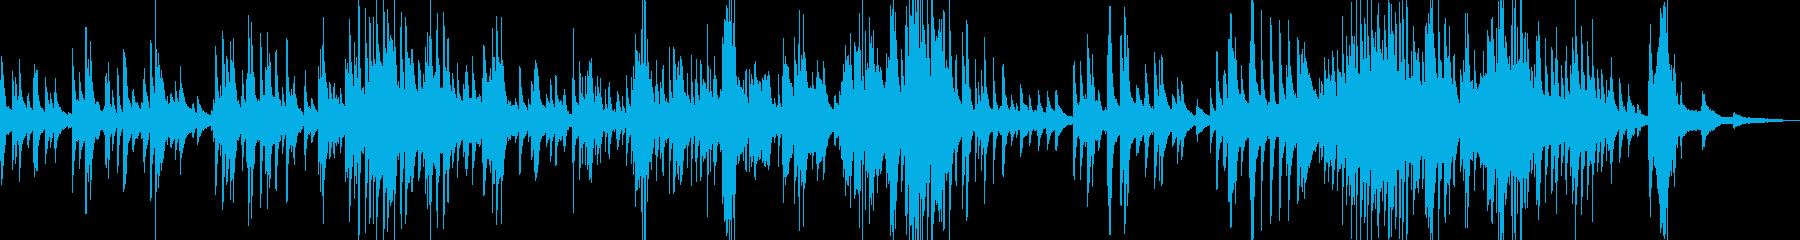 夜っぽいピアノ曲の再生済みの波形